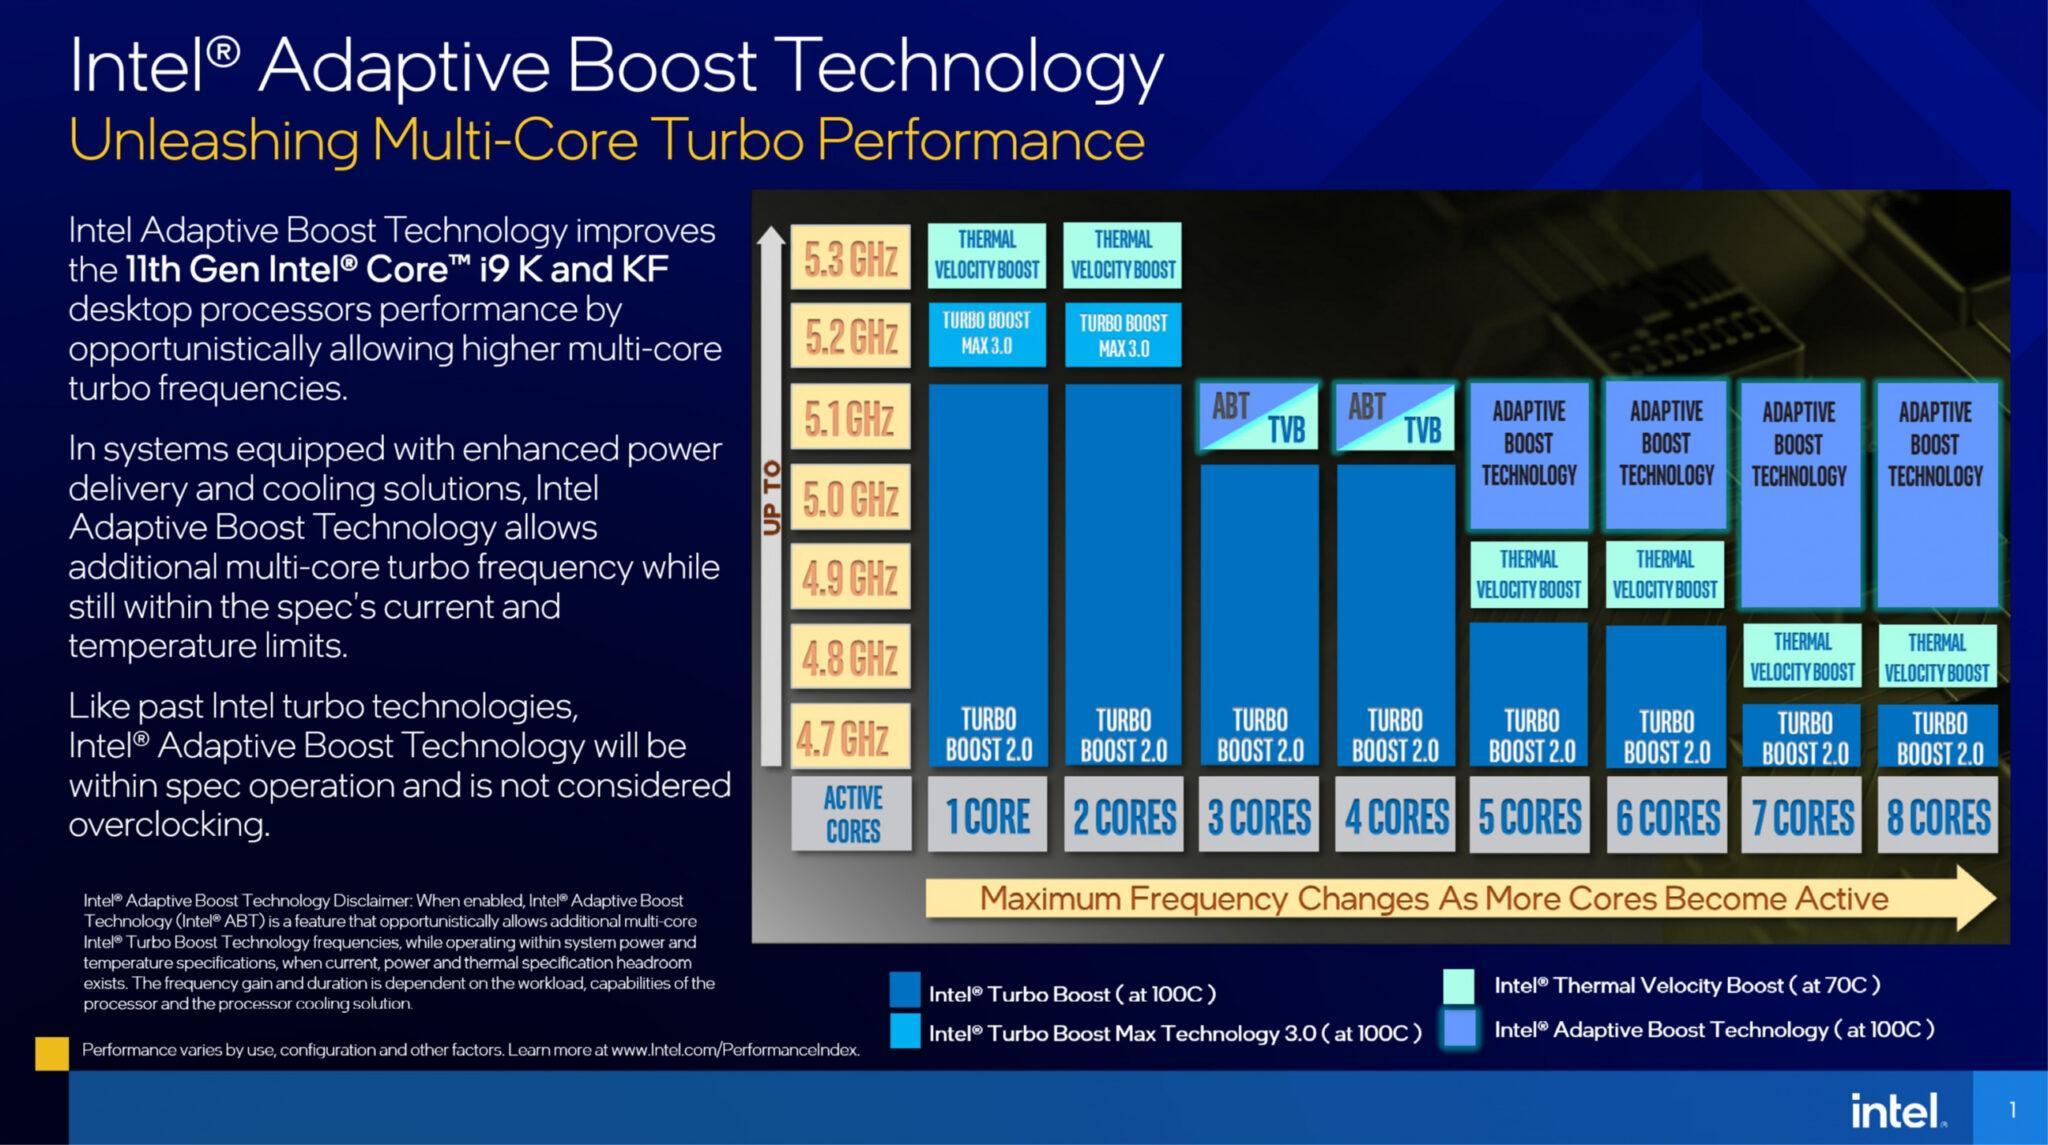 Adaptive Boost Technology